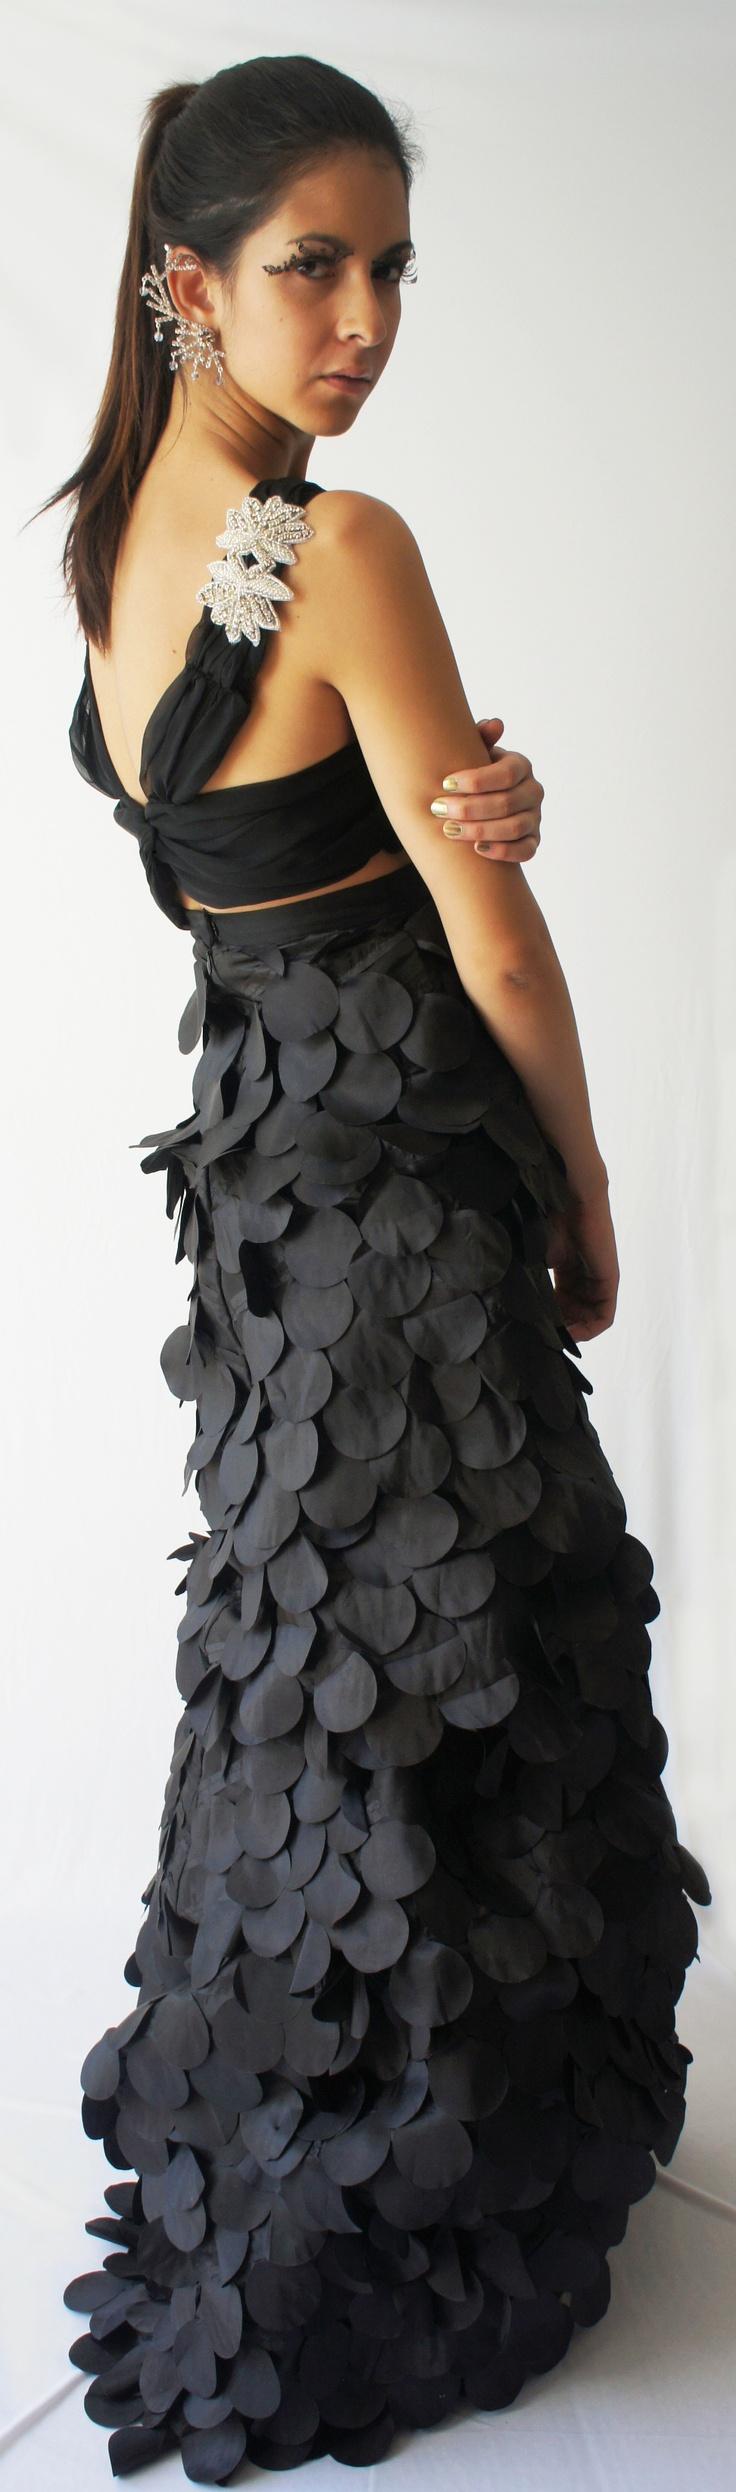 Vestido realizado a mano, la falda no es recta debido a que se le subieron pedazos para mostrar una asimetría, el top en la parte de enfrente lleva un nudo y en la parte de atrás cuenta con aplicaciones de cristal